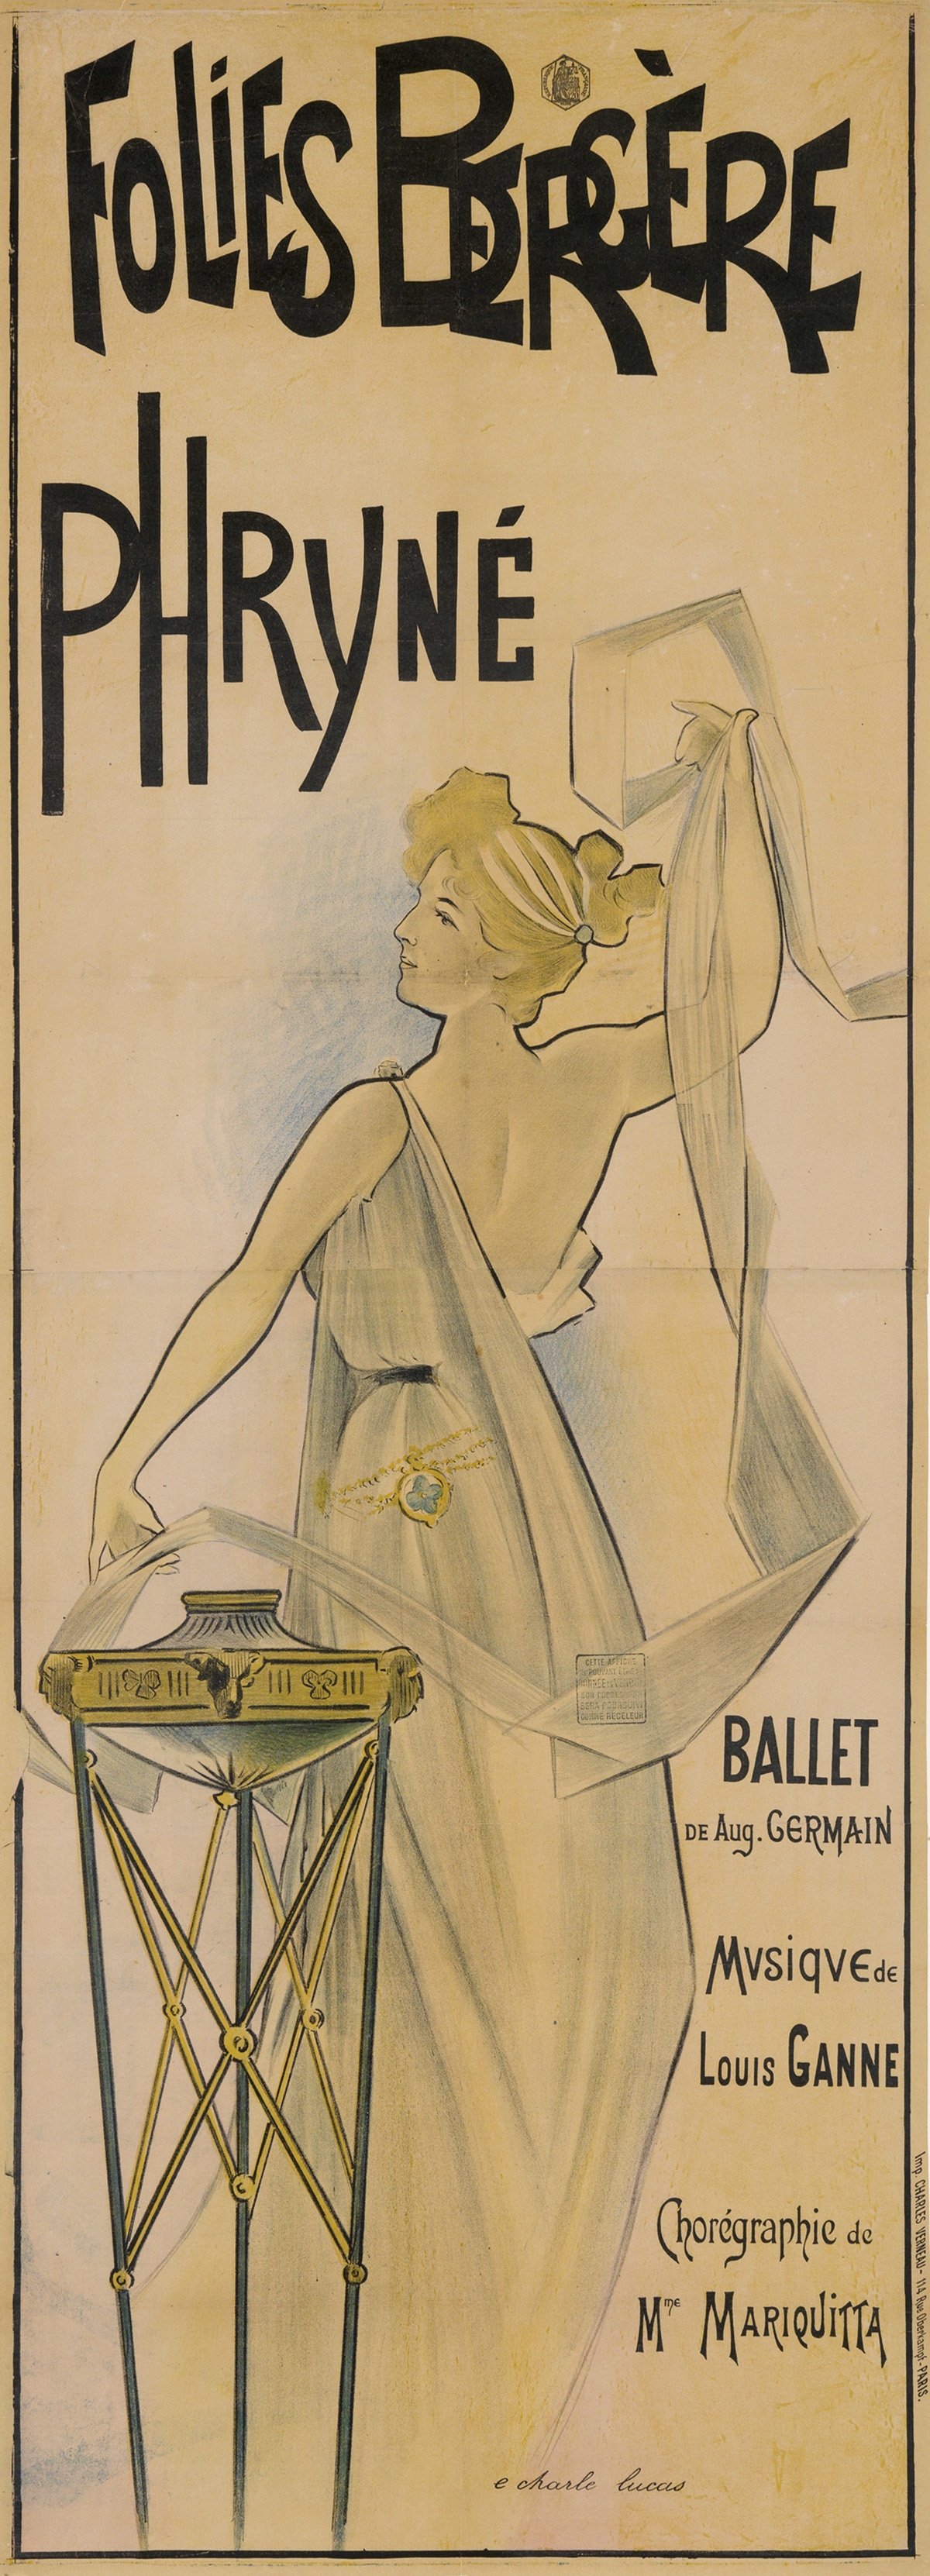 E-CHARLES-LUCAS-(DATES-UNKNOWN)-FOLIES-BERGÈRE--PHRYNÉ-1897-